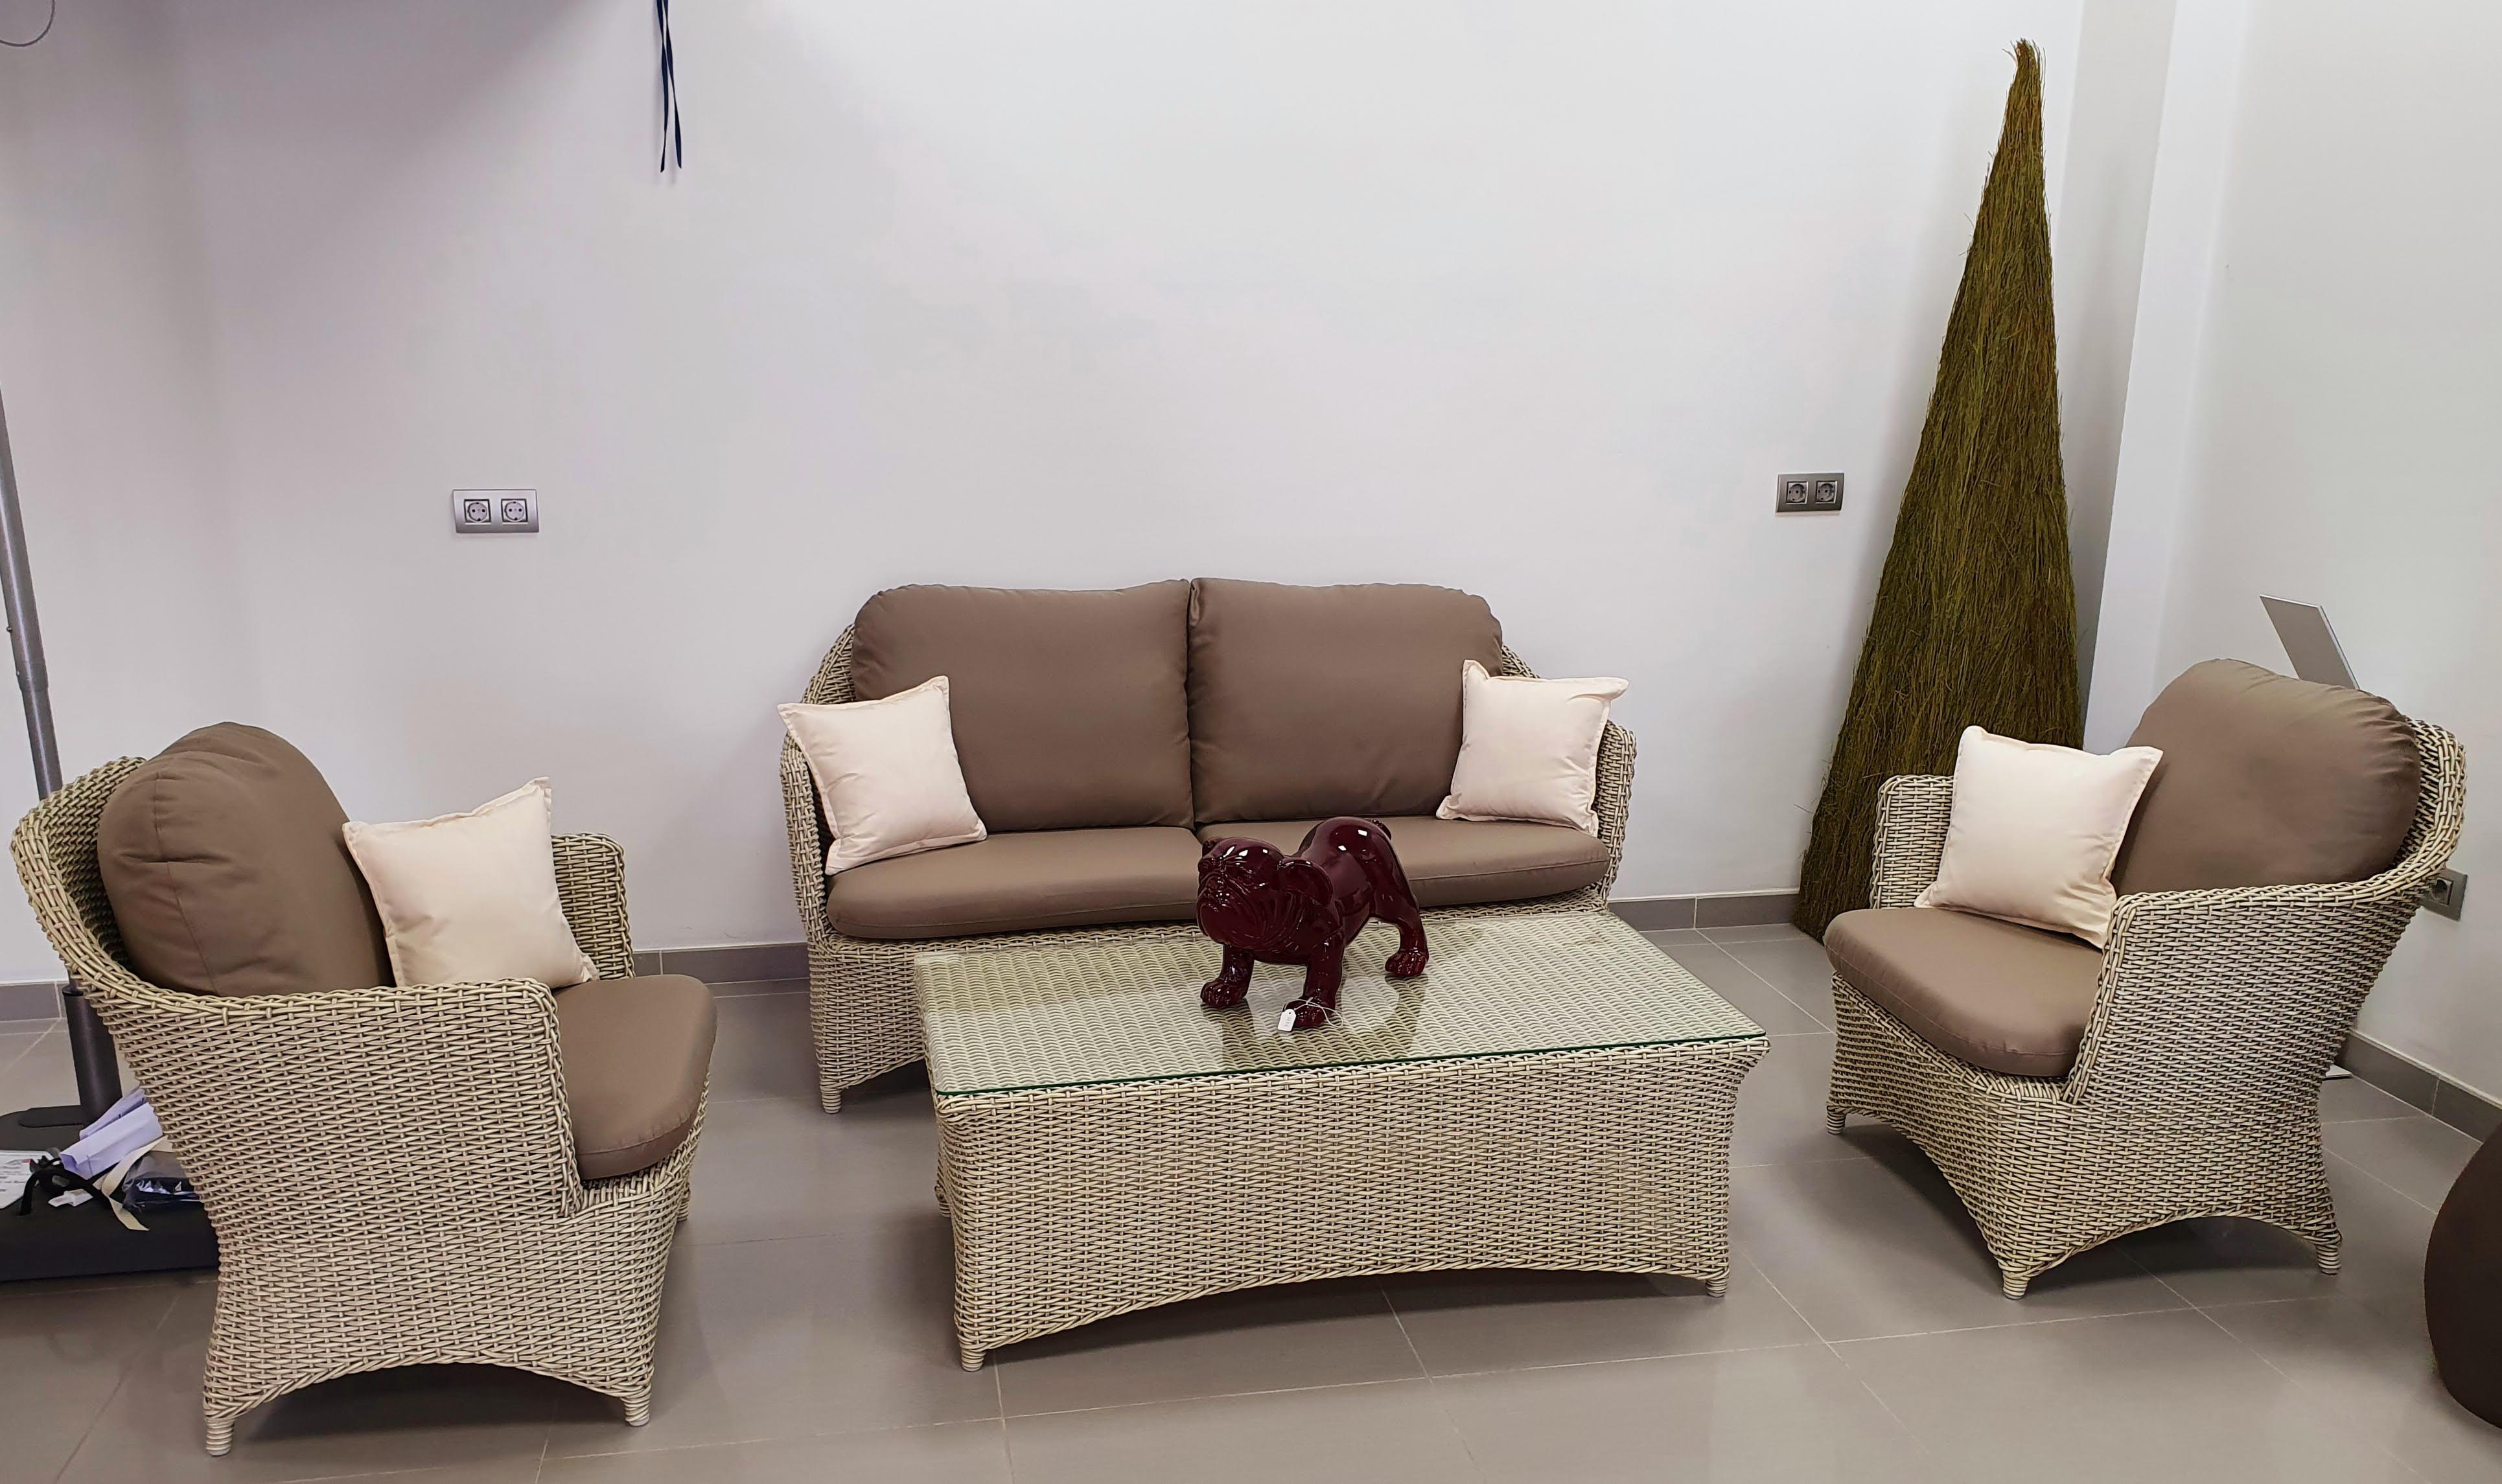 Matis sofa set